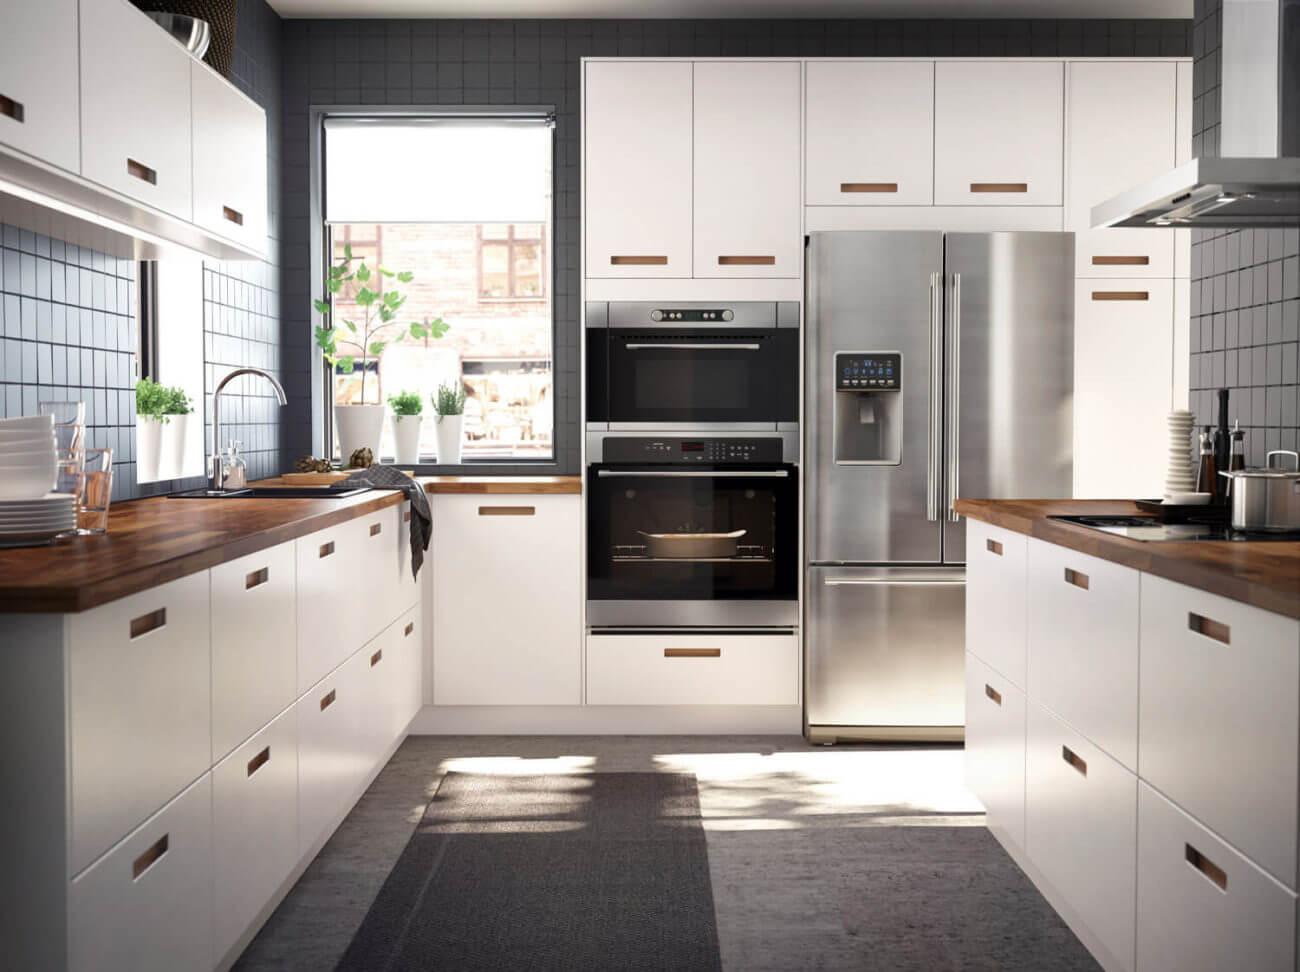 Full Size of Unterschrank Küche Billig Küche Mit Elektrogeräten Billig Küche Neu Billig Nobilia Küche Billig Küche Küche Billig